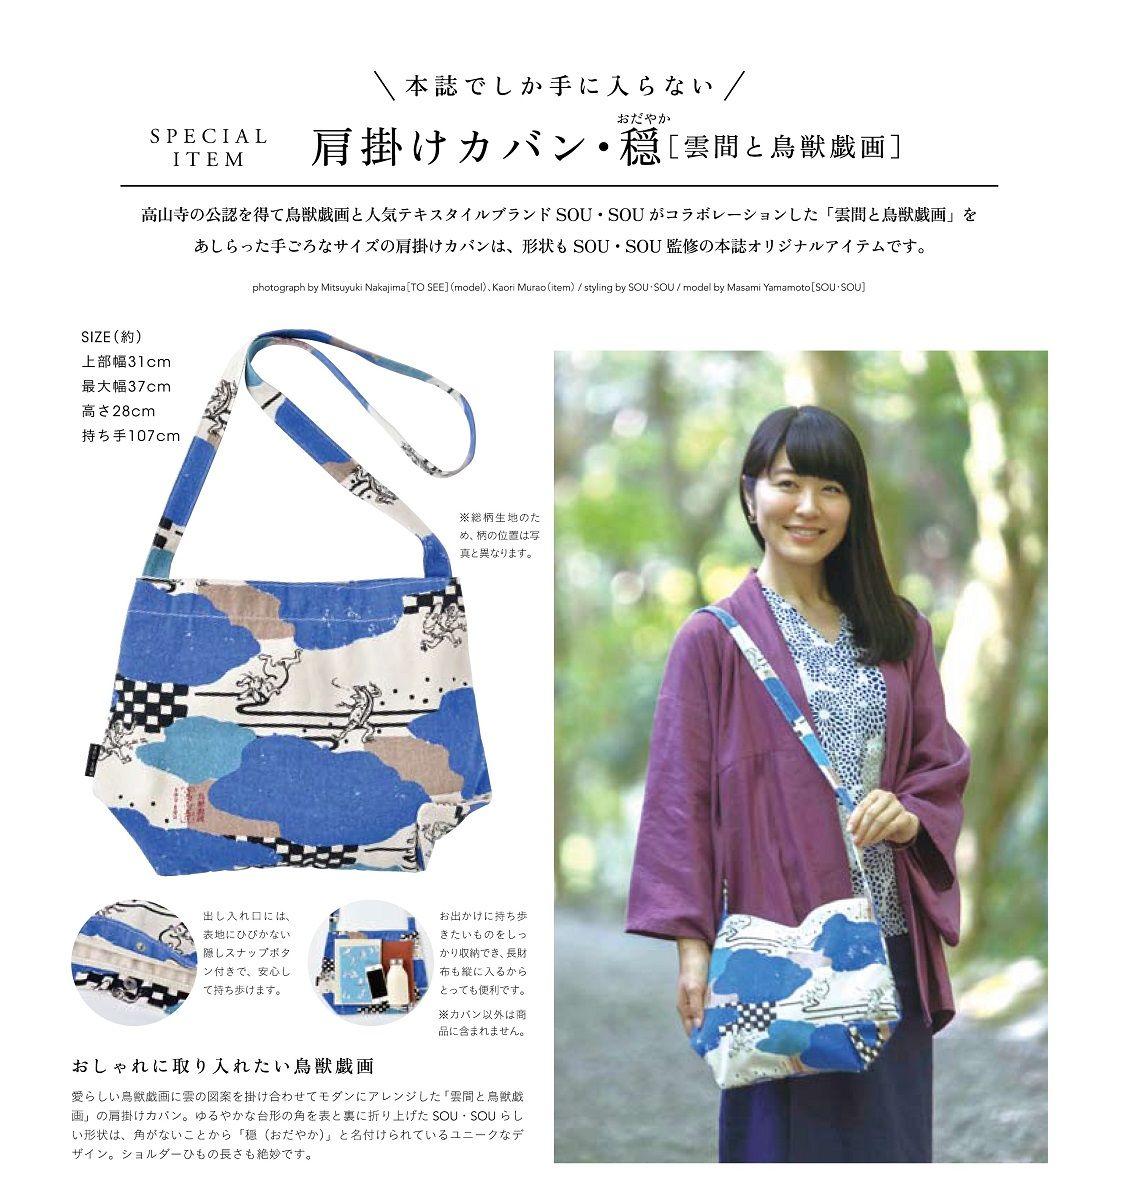 鳥獣戯画 BAG BOOK textile d...の紹介画像2